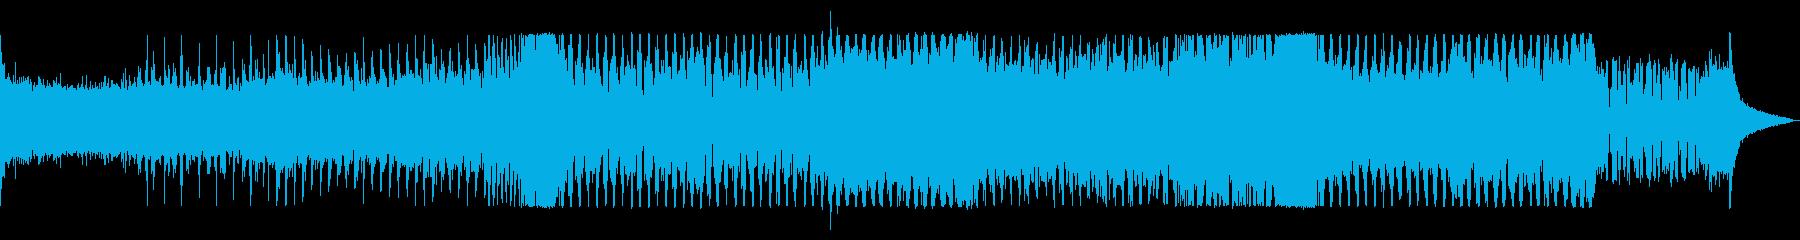 オープニングを盛り上げるエレクトロハウスの再生済みの波形